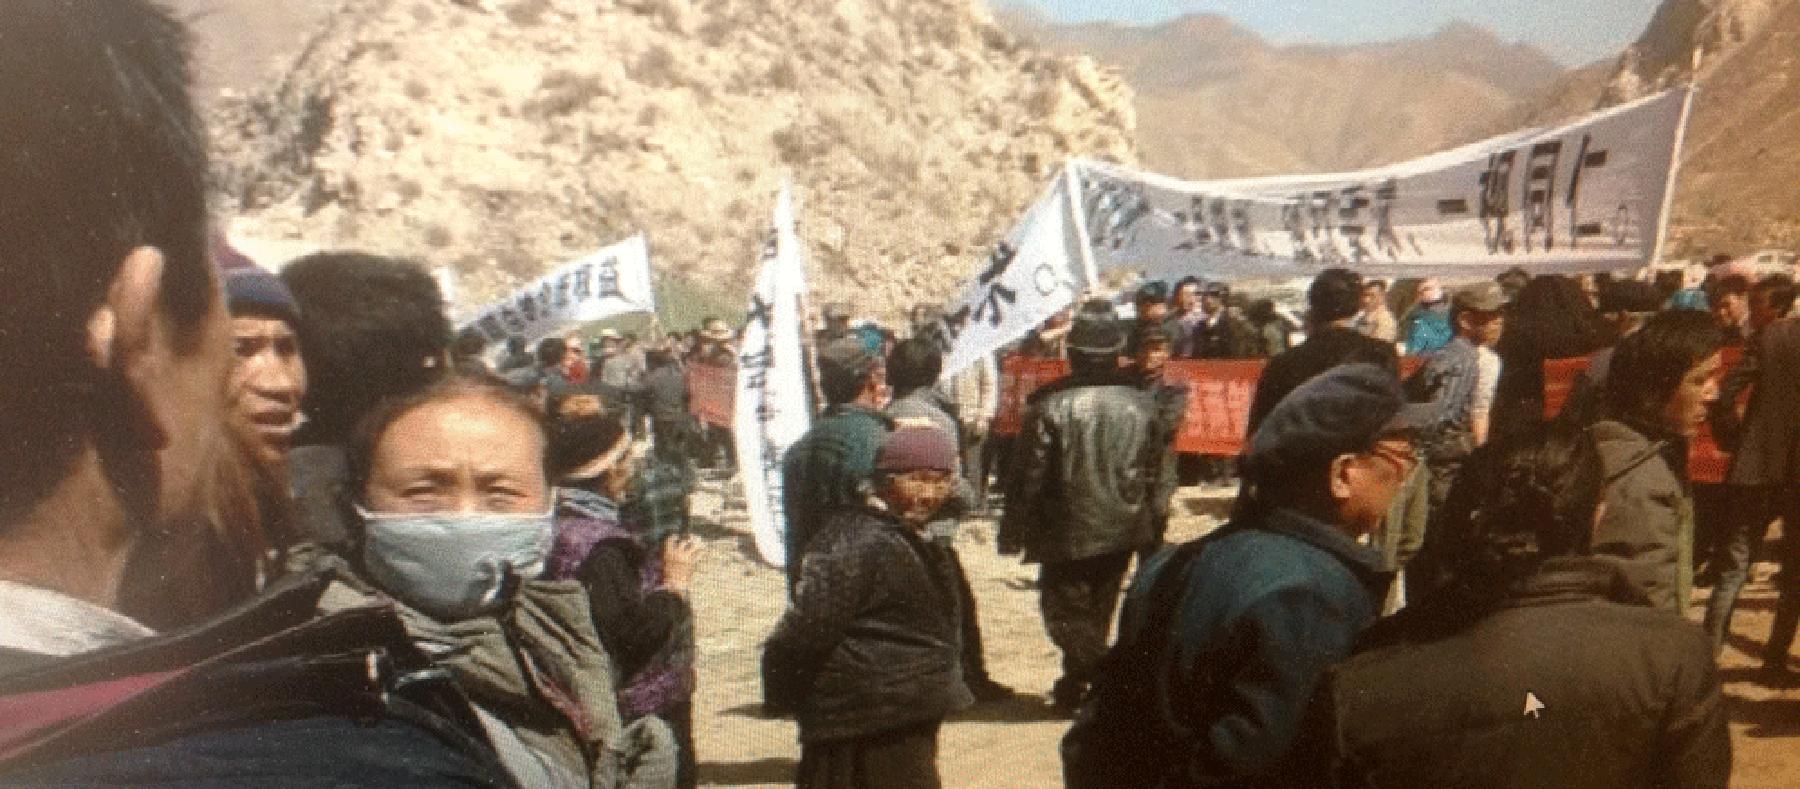 Tibeter protestieren gegen die Beschlagnahmung von Land für den Abbau von Gold in Sangchu in Kanlho. Foto: Von einem Zuhörer von RFA